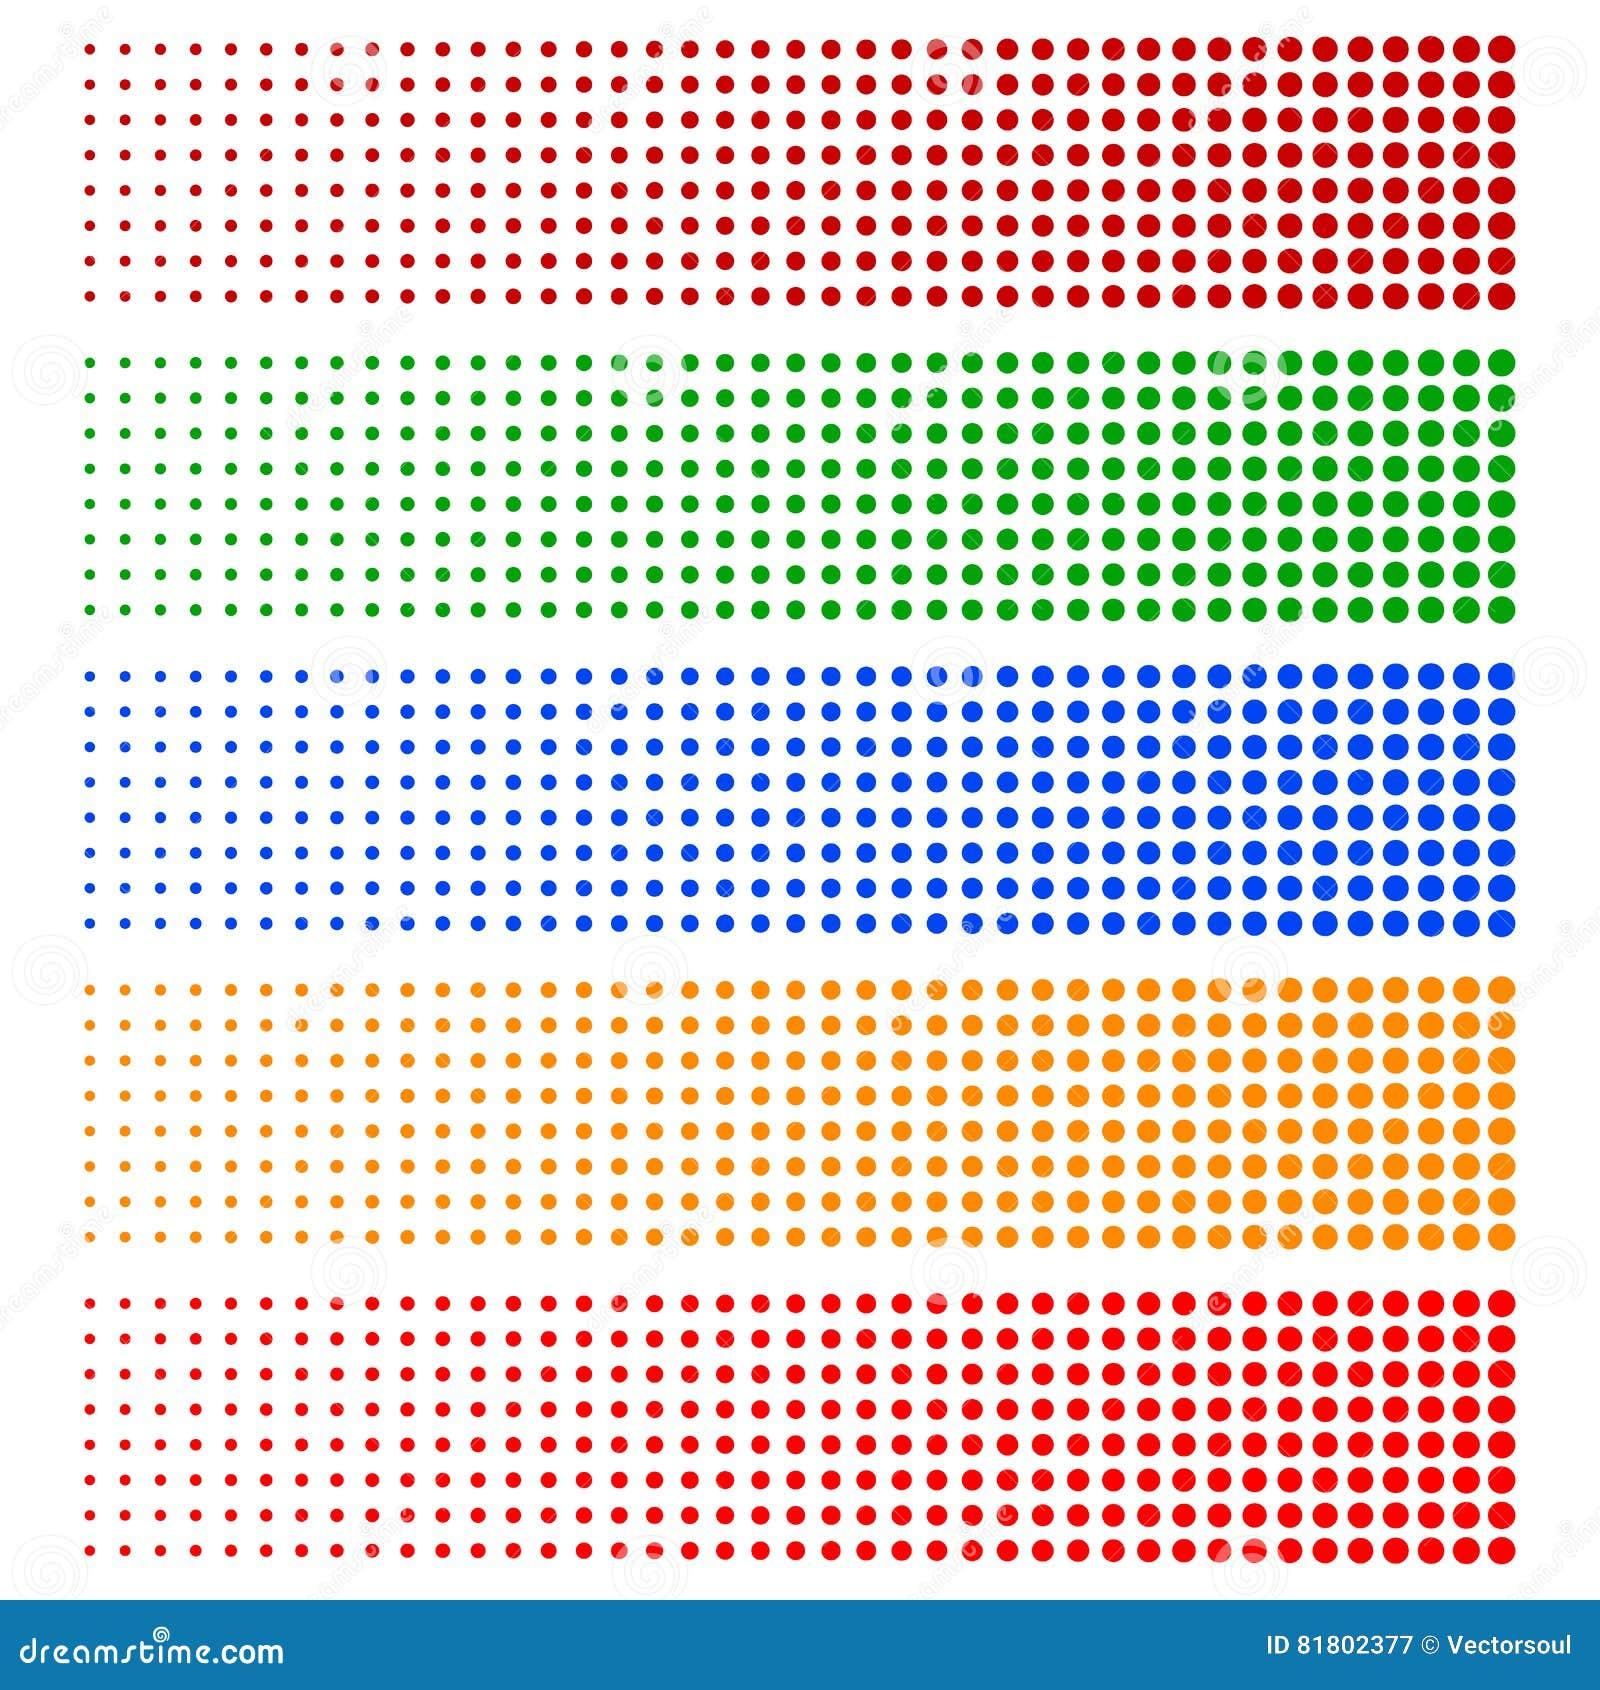 Элементы полутонового изображения Увядая круги в 5 цветах